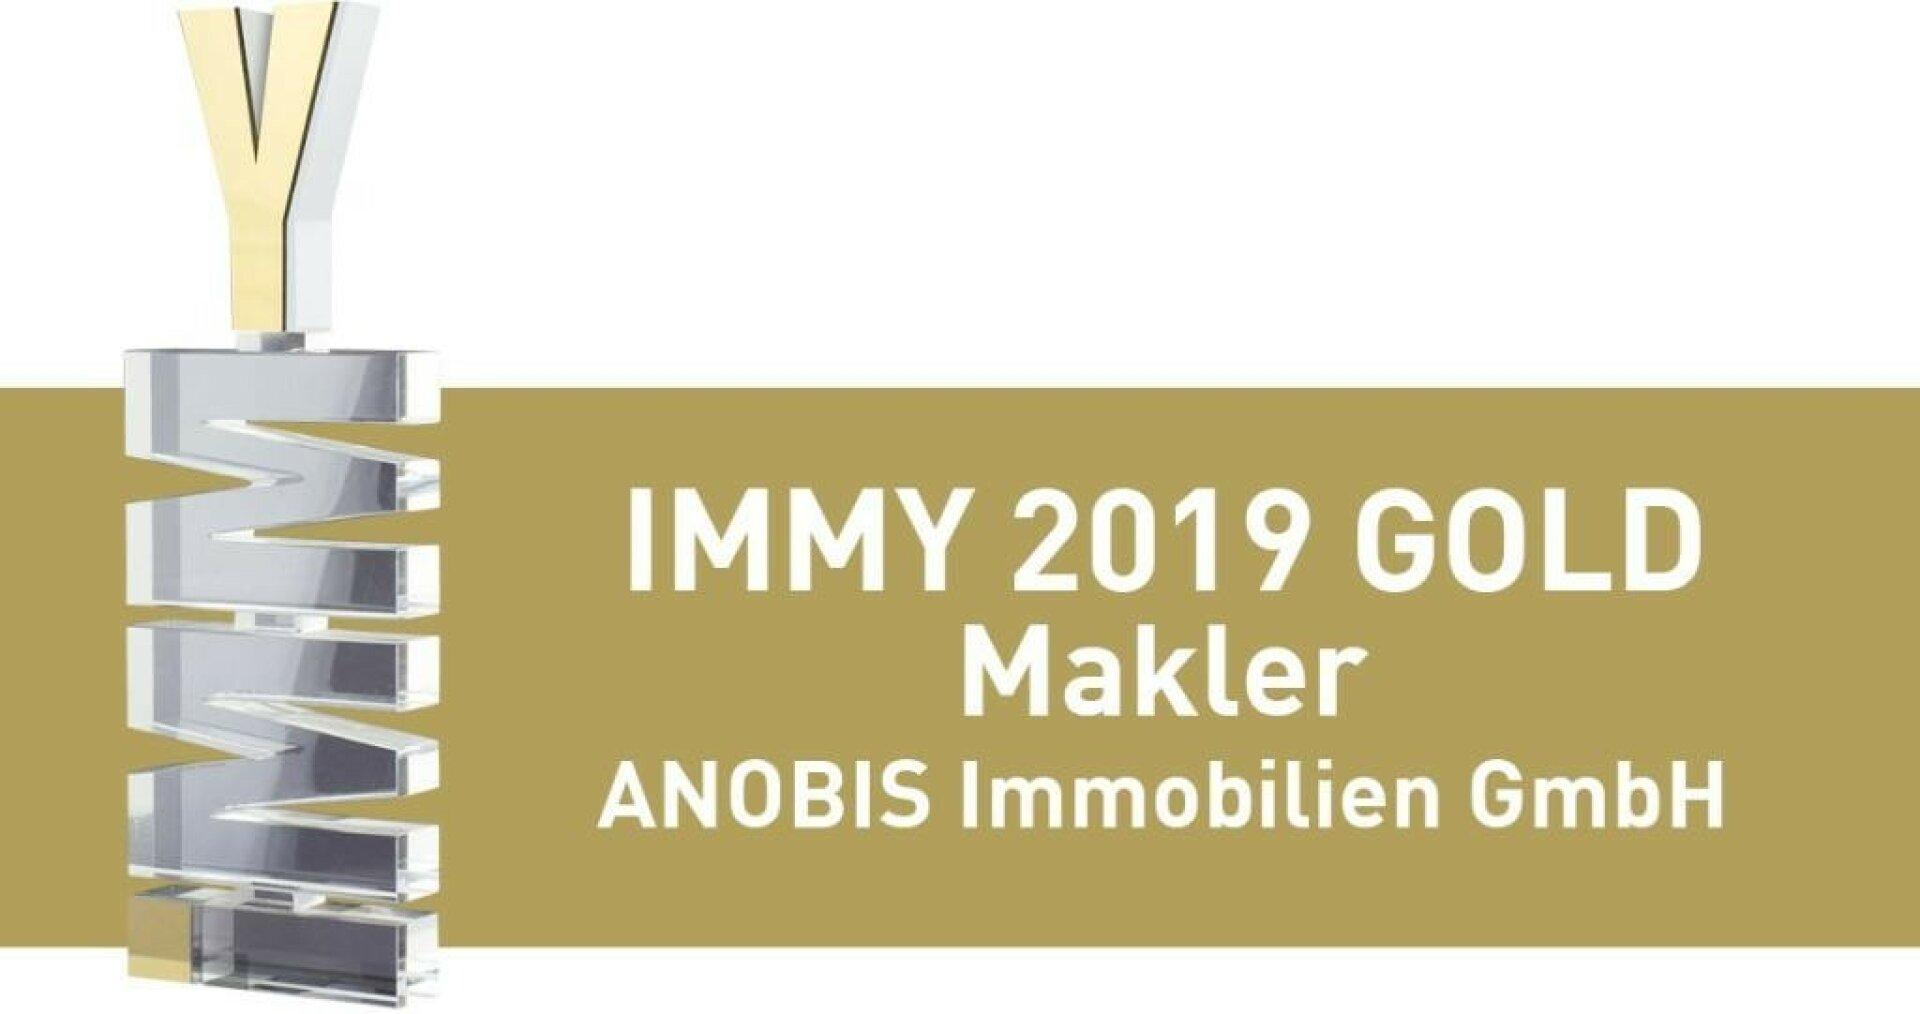 IMMY 2019 Gold für ANOBIS Immobilien